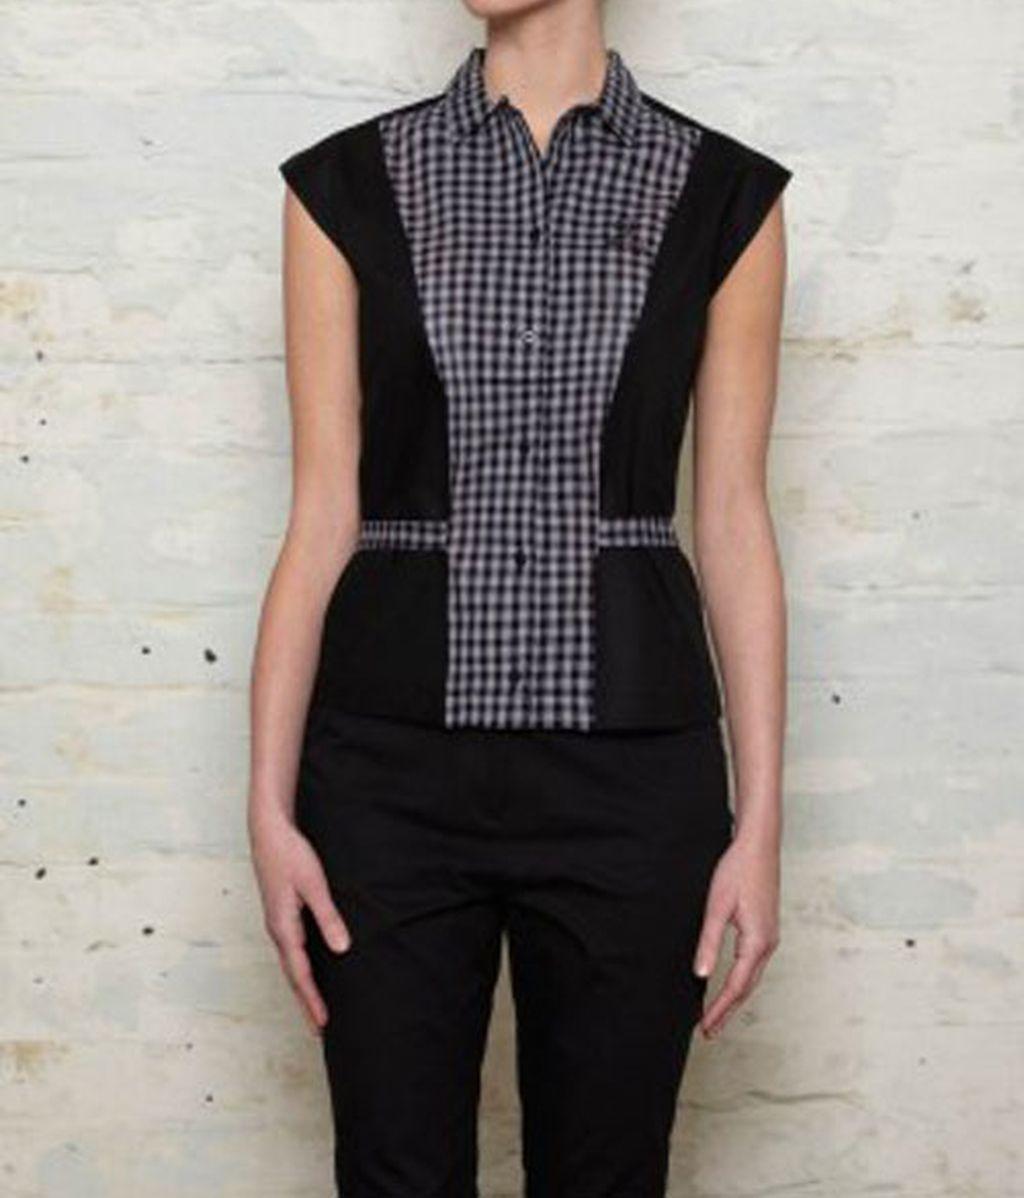 La colección de ropa y complementos que Amy Winehouse diseñó saldrá al mercado